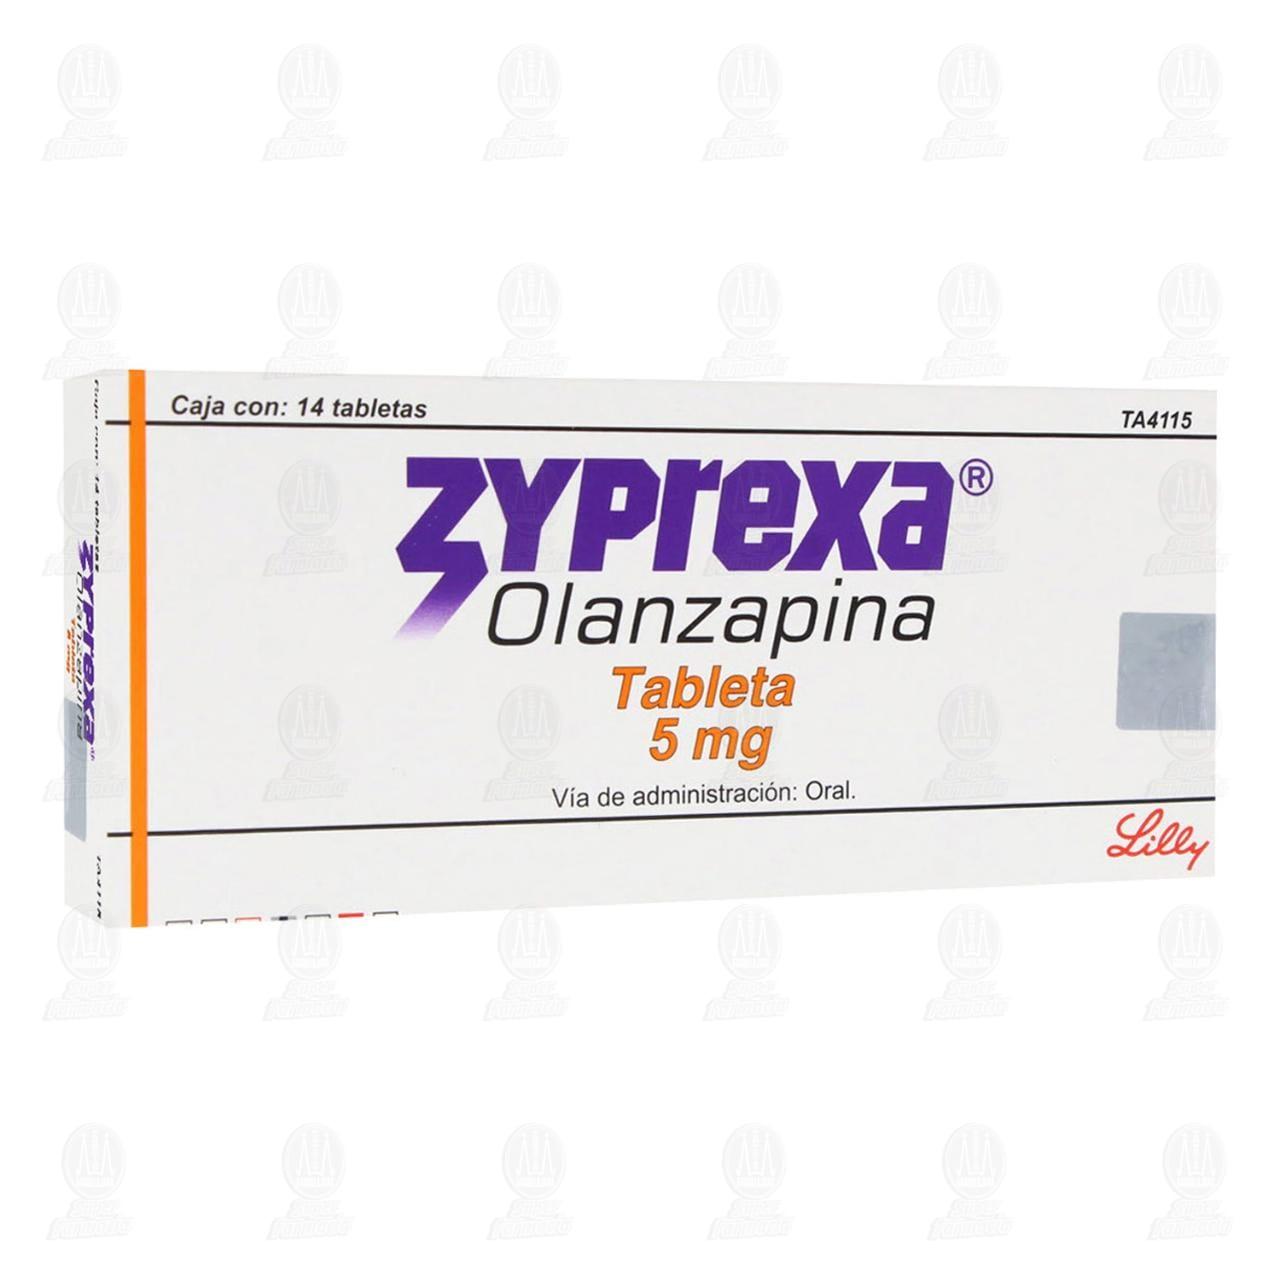 Zyprexa 5mg 14 Tabletas